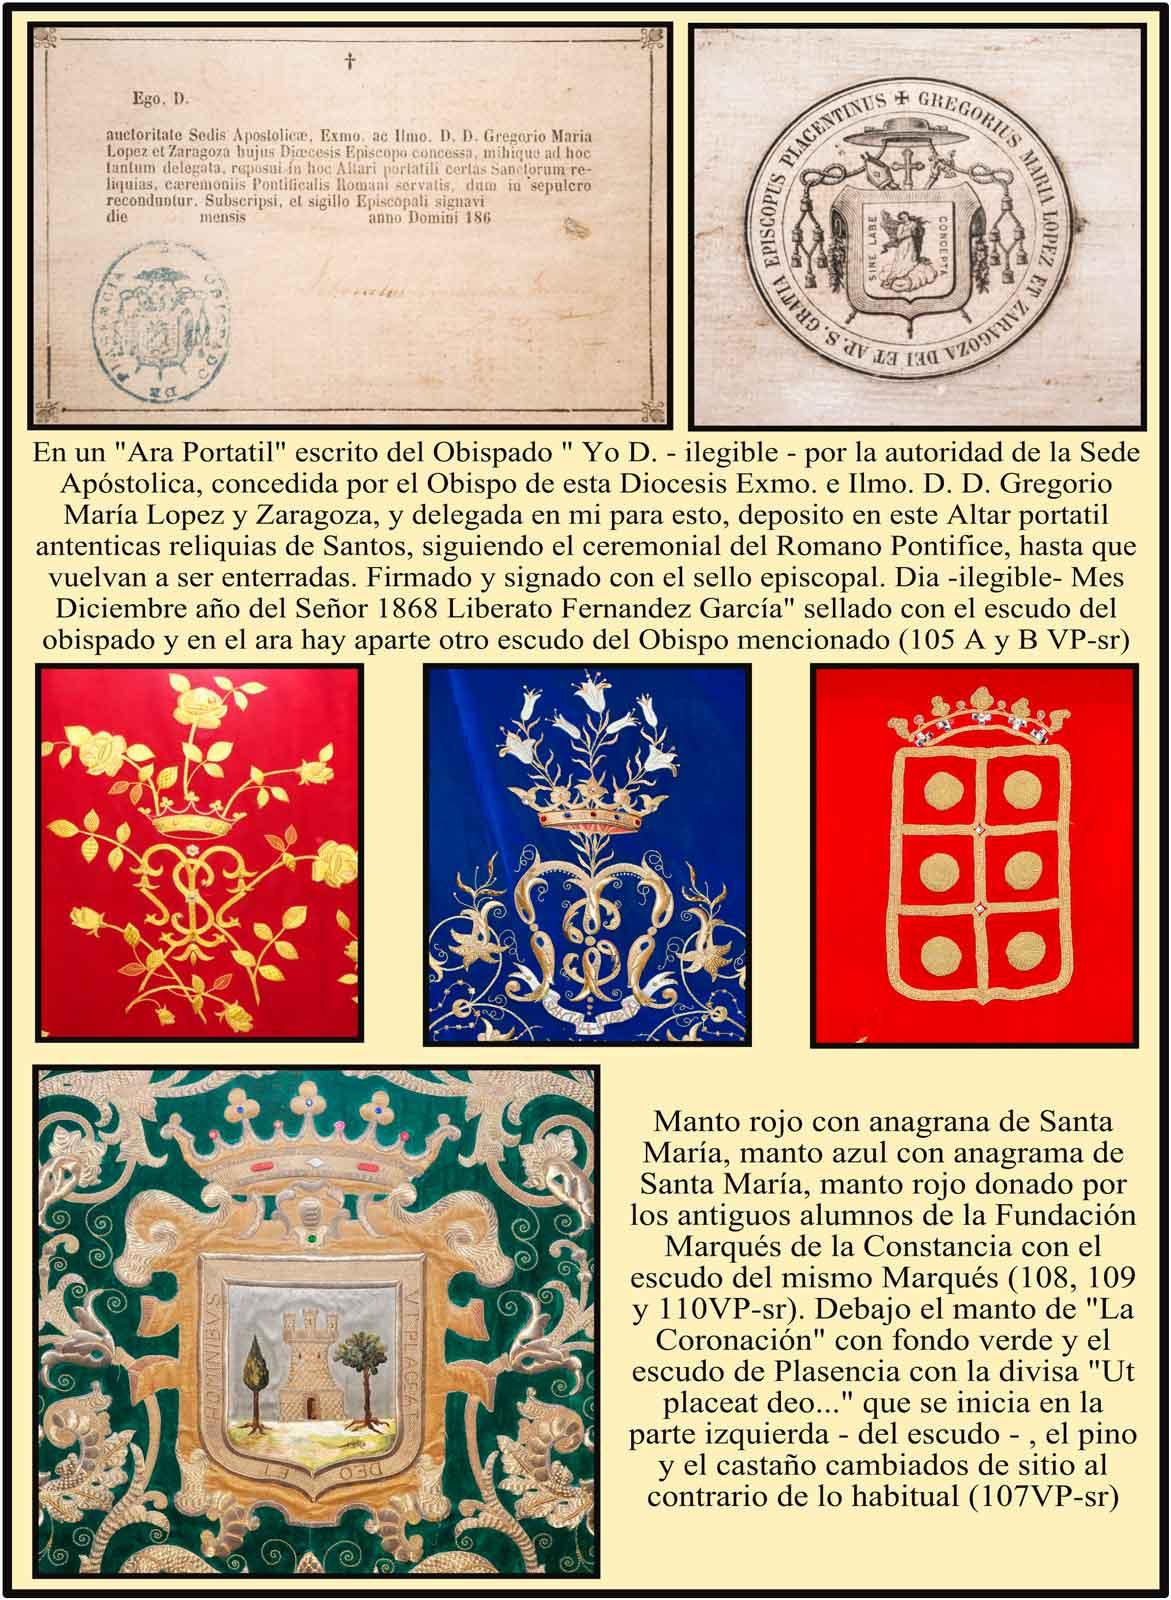 Camarin de la Virgen del Puerto: Escudos del Obispo Lopez y Zaragoza, marques de la Constancia, anagramas de María